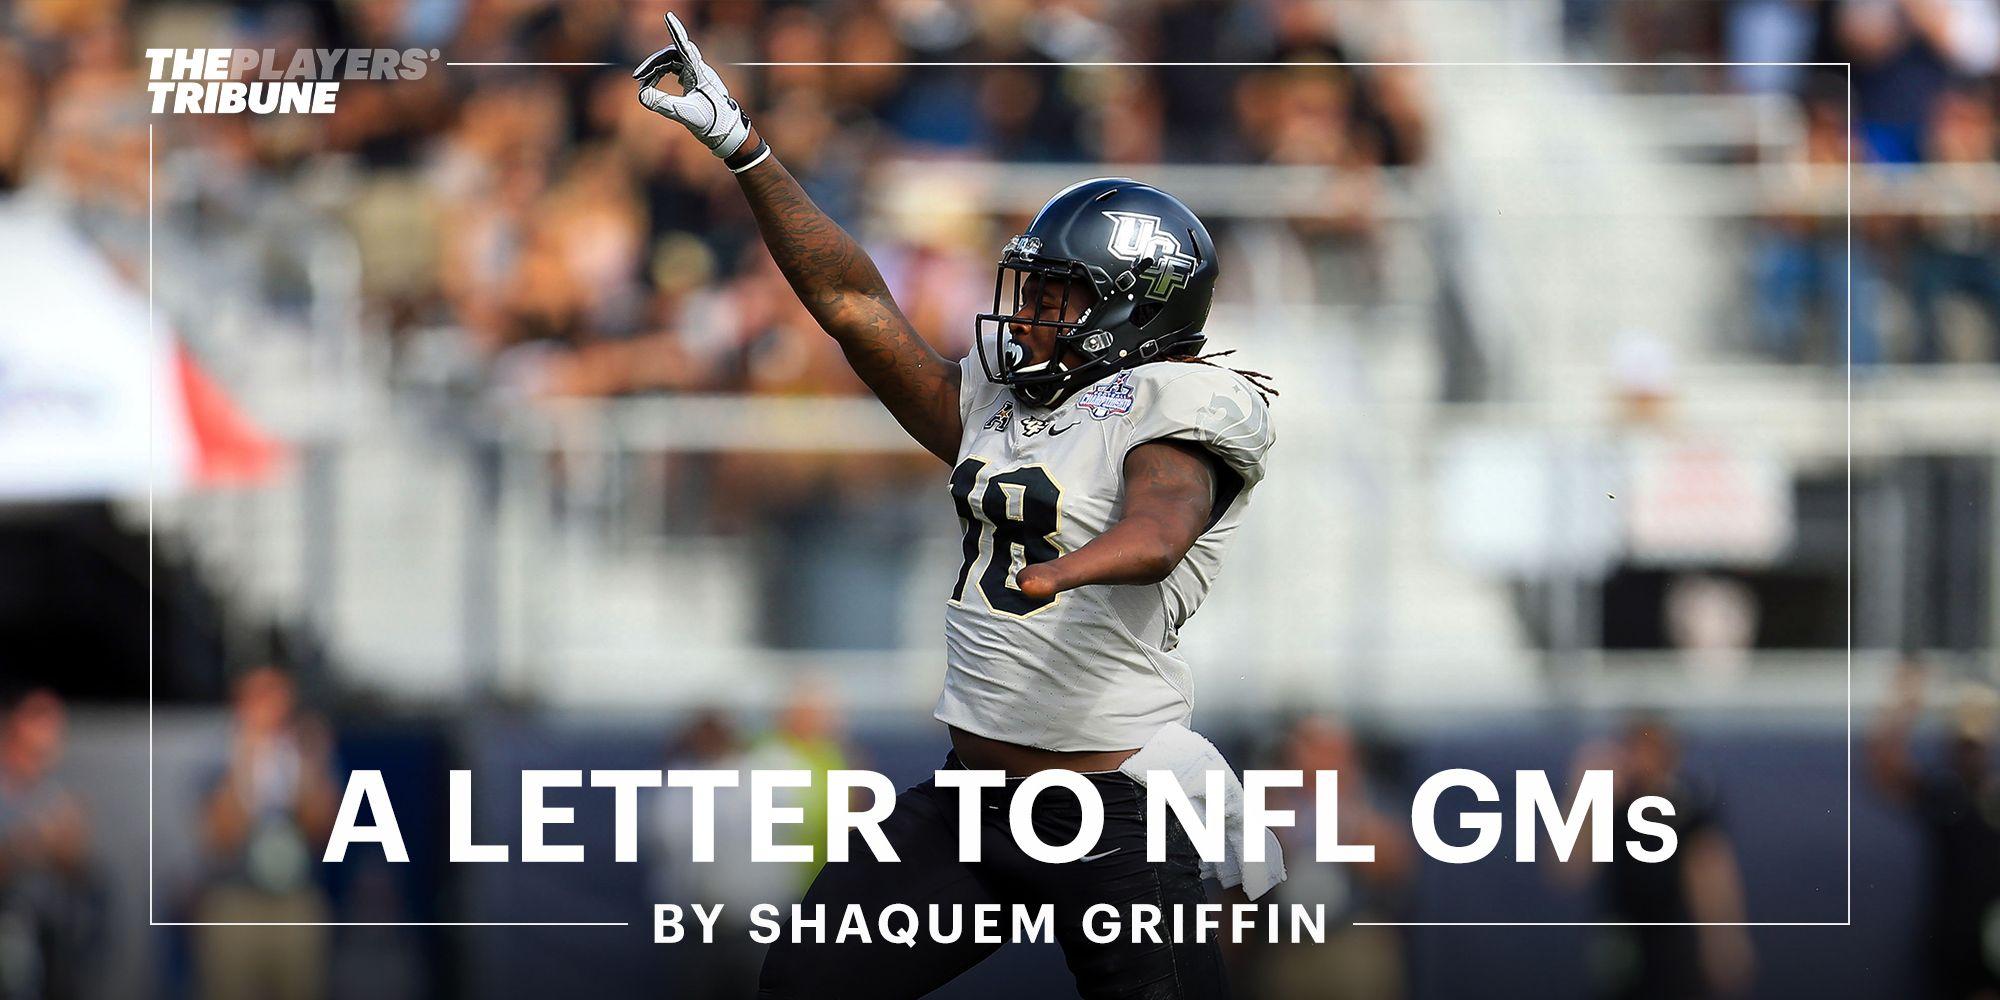 A Letter to NFL GMs By Shaquem Griffin Nfl, Lettering